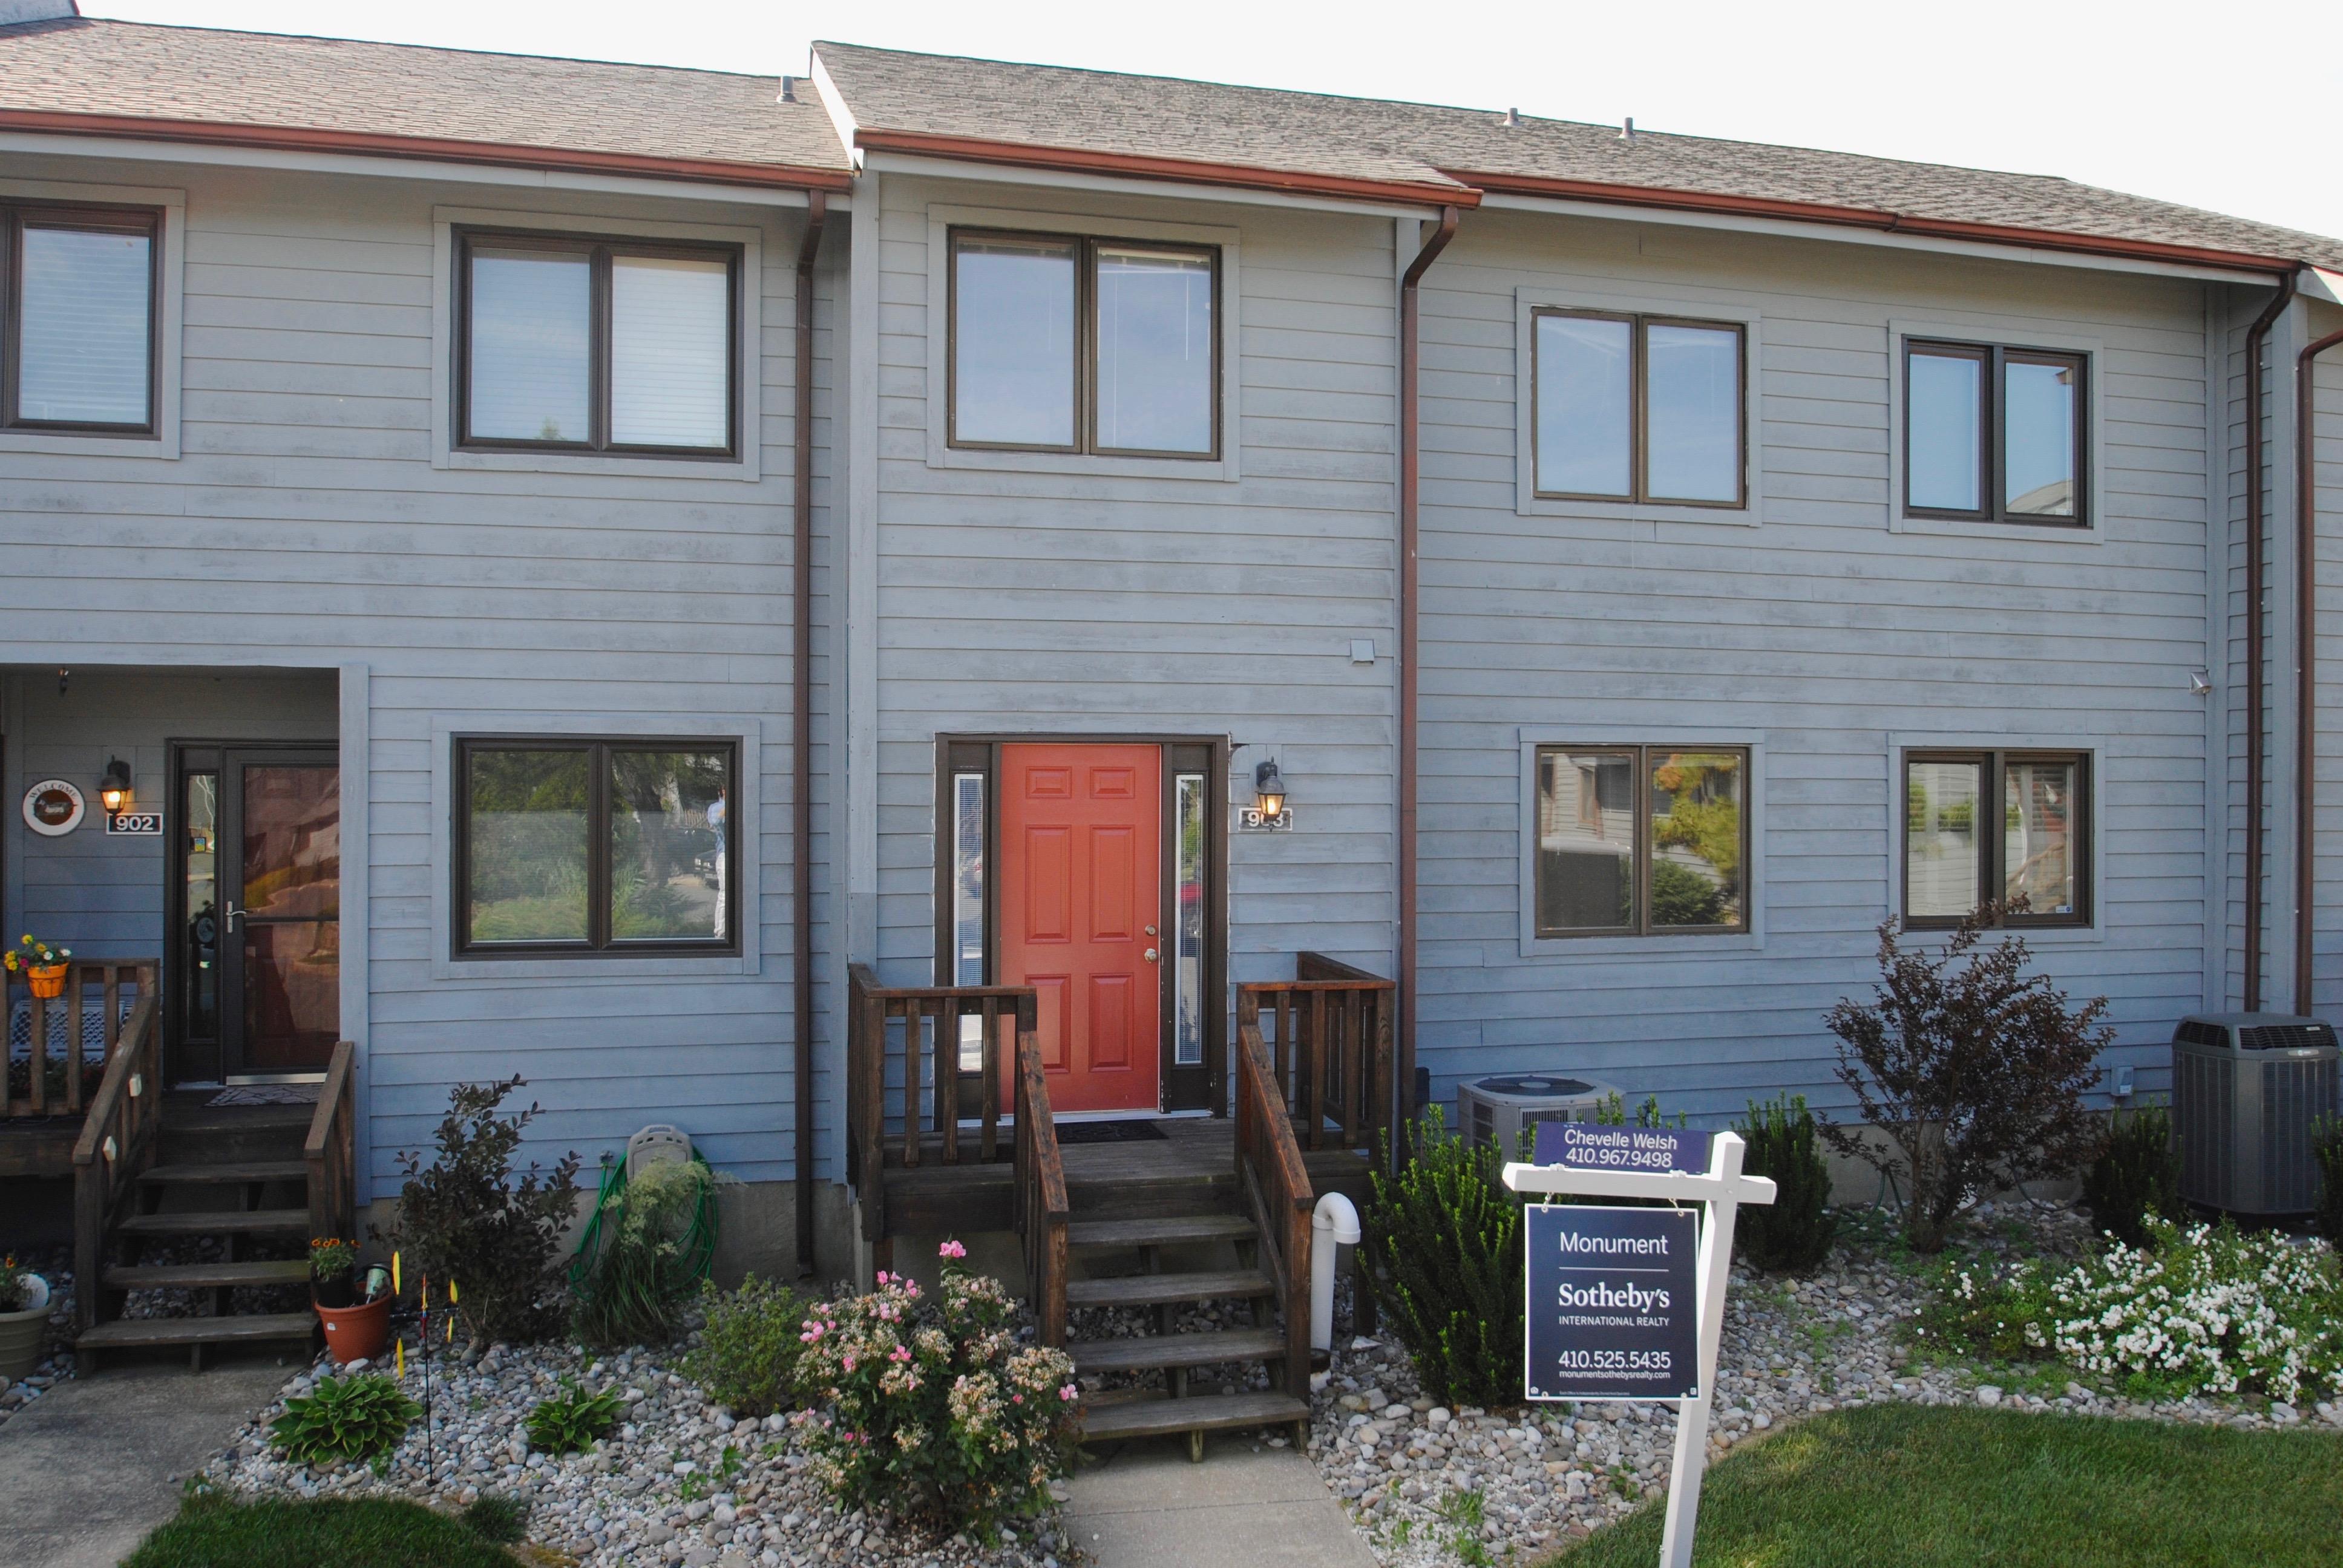 联栋屋 为 销售 在 Thompson Creek Condos 903 Marion Quimby Drive Stevensville, 马里兰州, 21666 美国